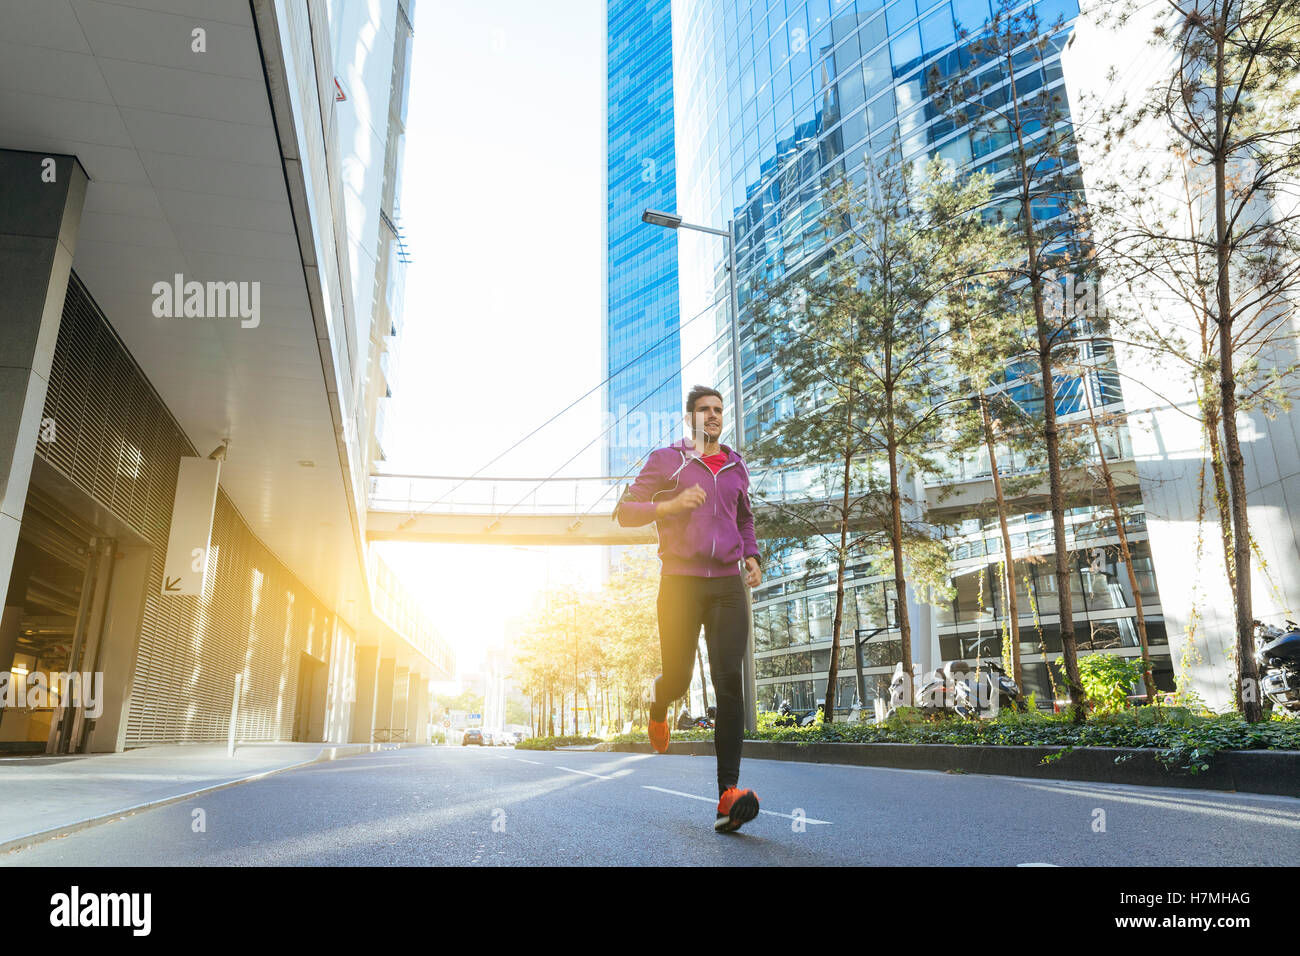 Athlet mit Kopfhörern laufen in der Stadt Stockfoto